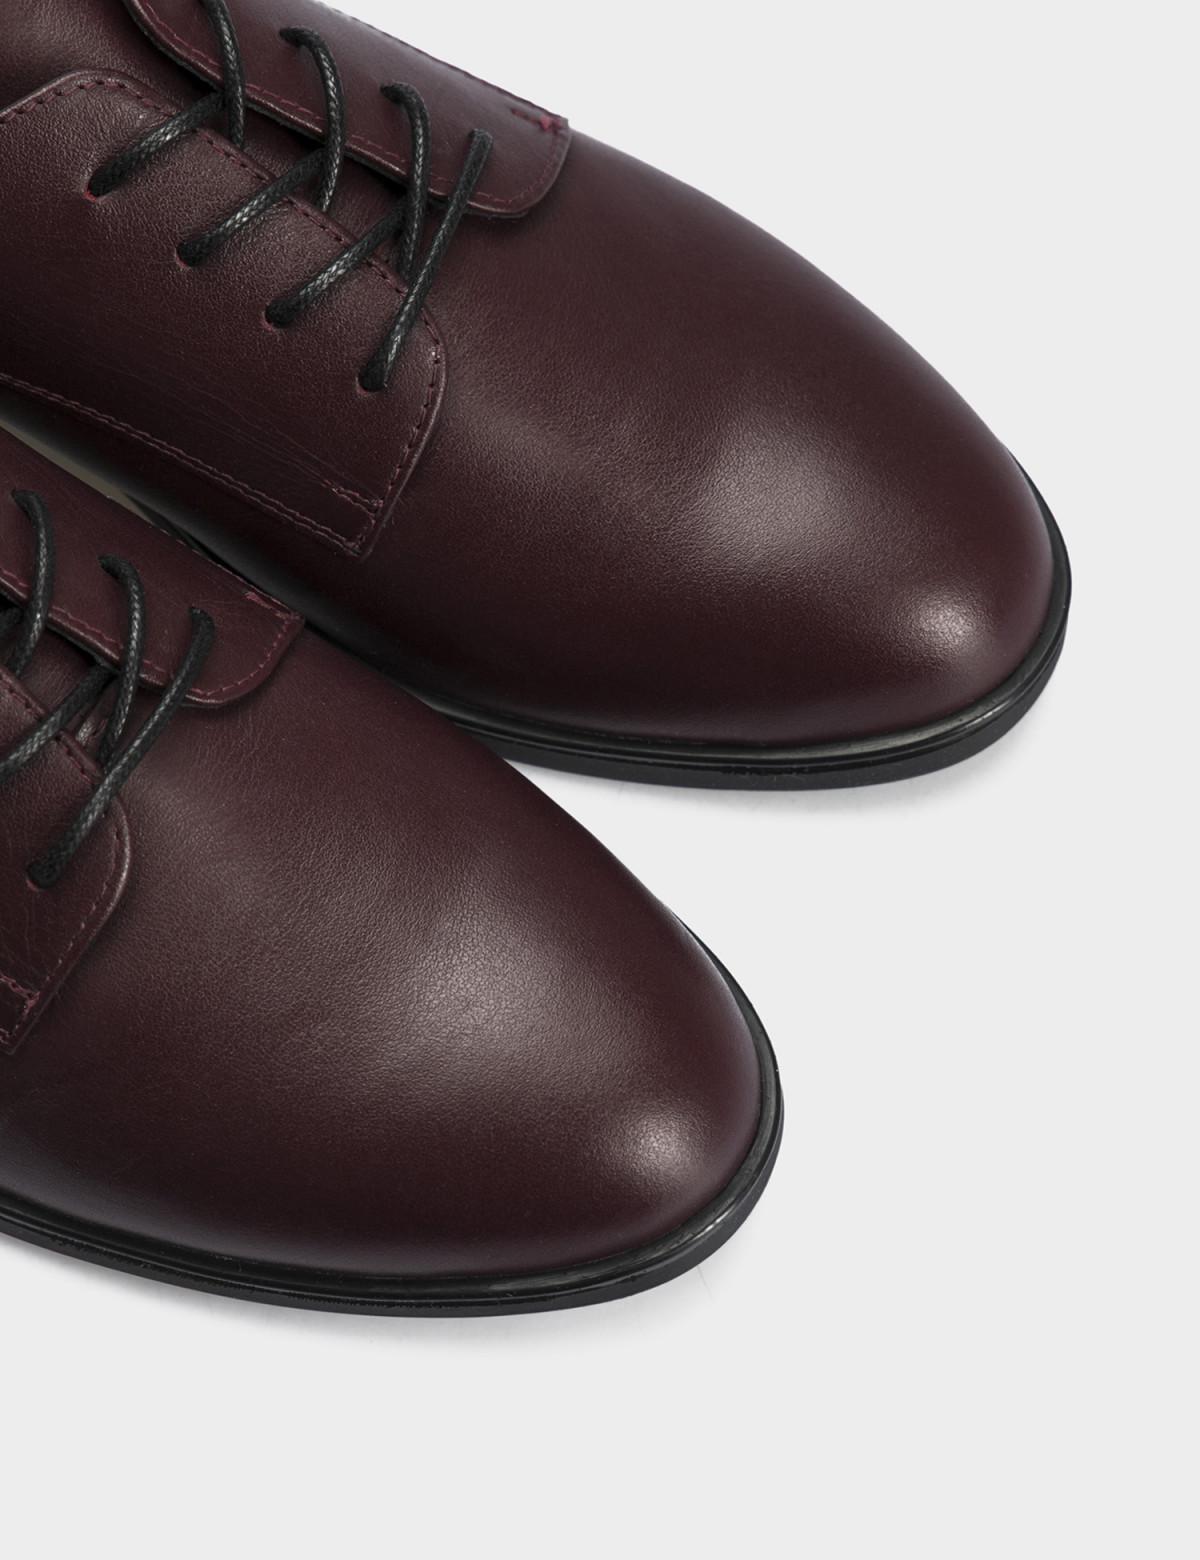 Туфли бордовые, натуральная кожа4